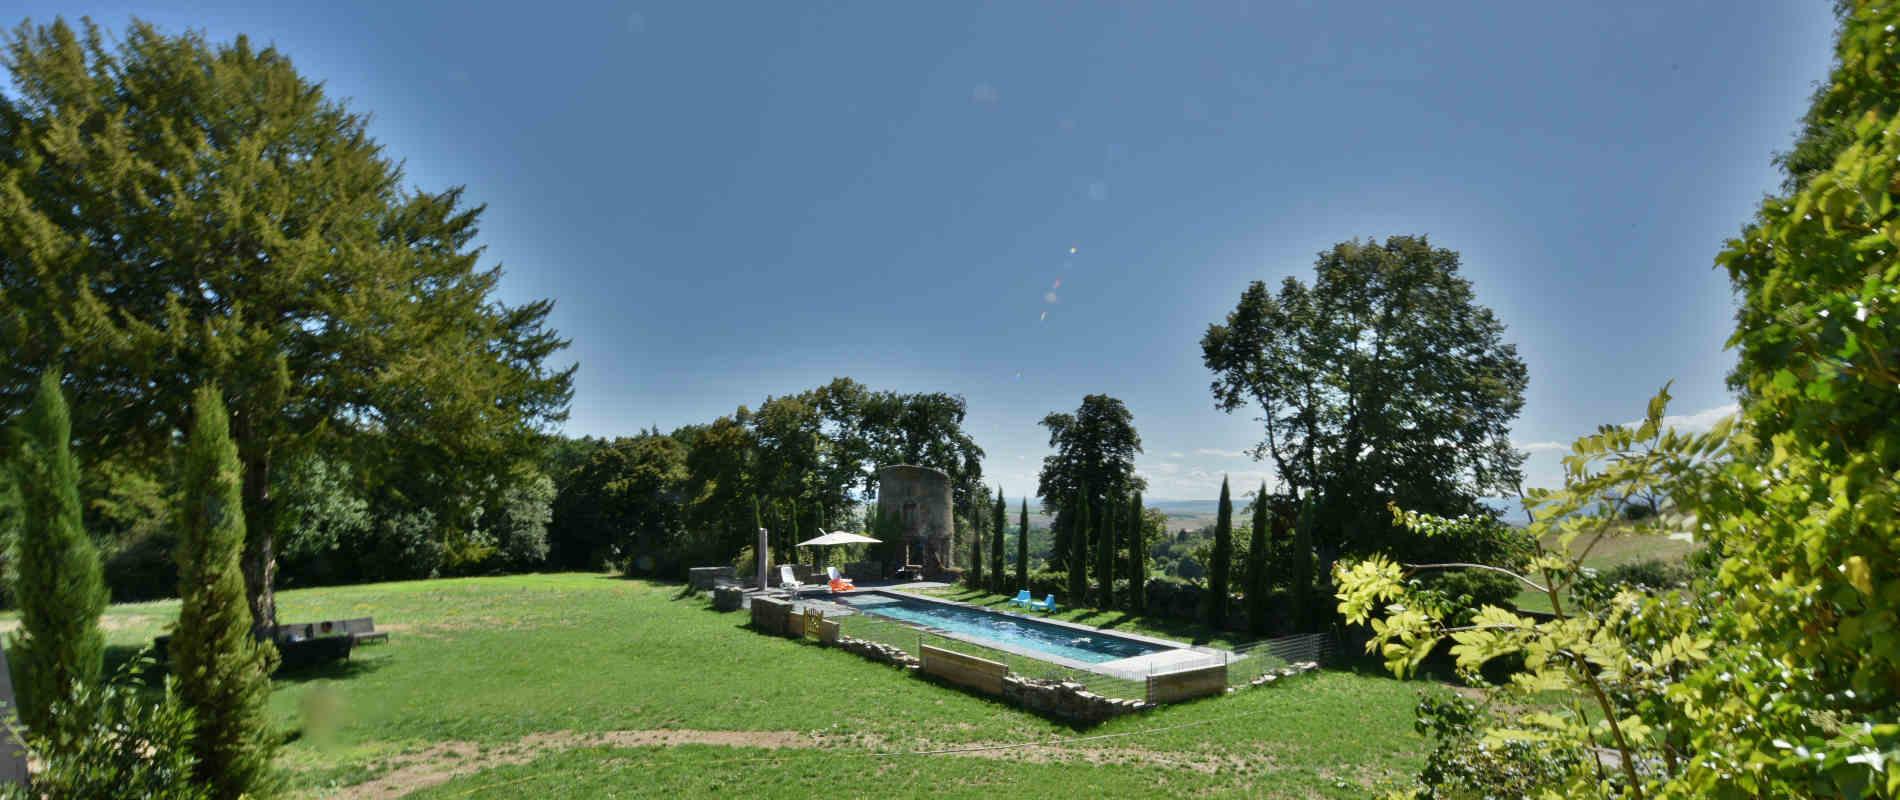 Photo de la piscine chauffée extérieure du château de Bois Rigaud en Auvergne-Rhone-Alpes